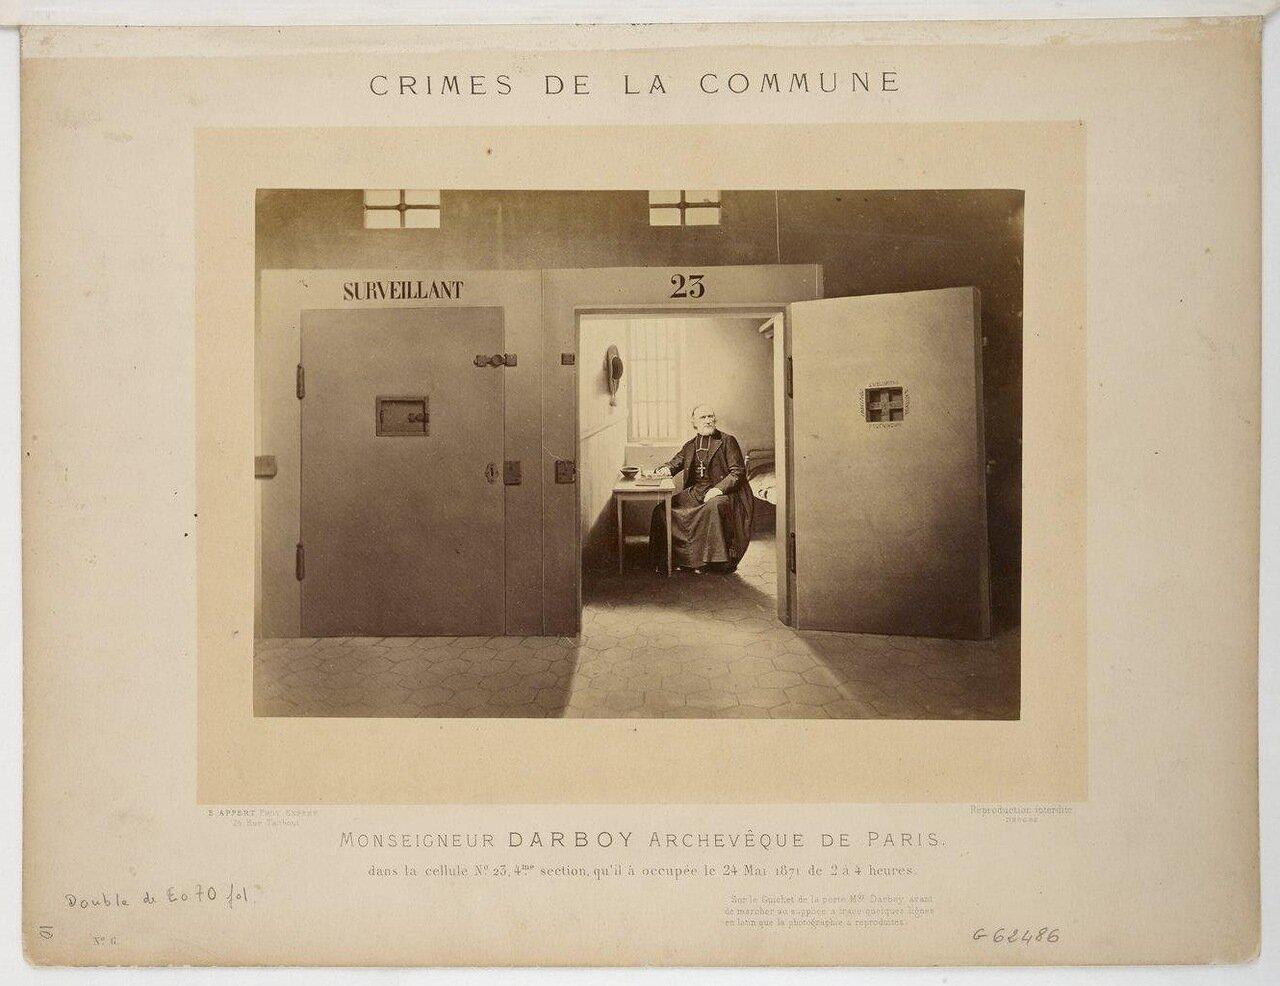 Преступление Коммуны. Архиепископ Парижа Жорж Дарбуа расстрелян в тюрьме коммунарами вместе с 63 другими заложниками.